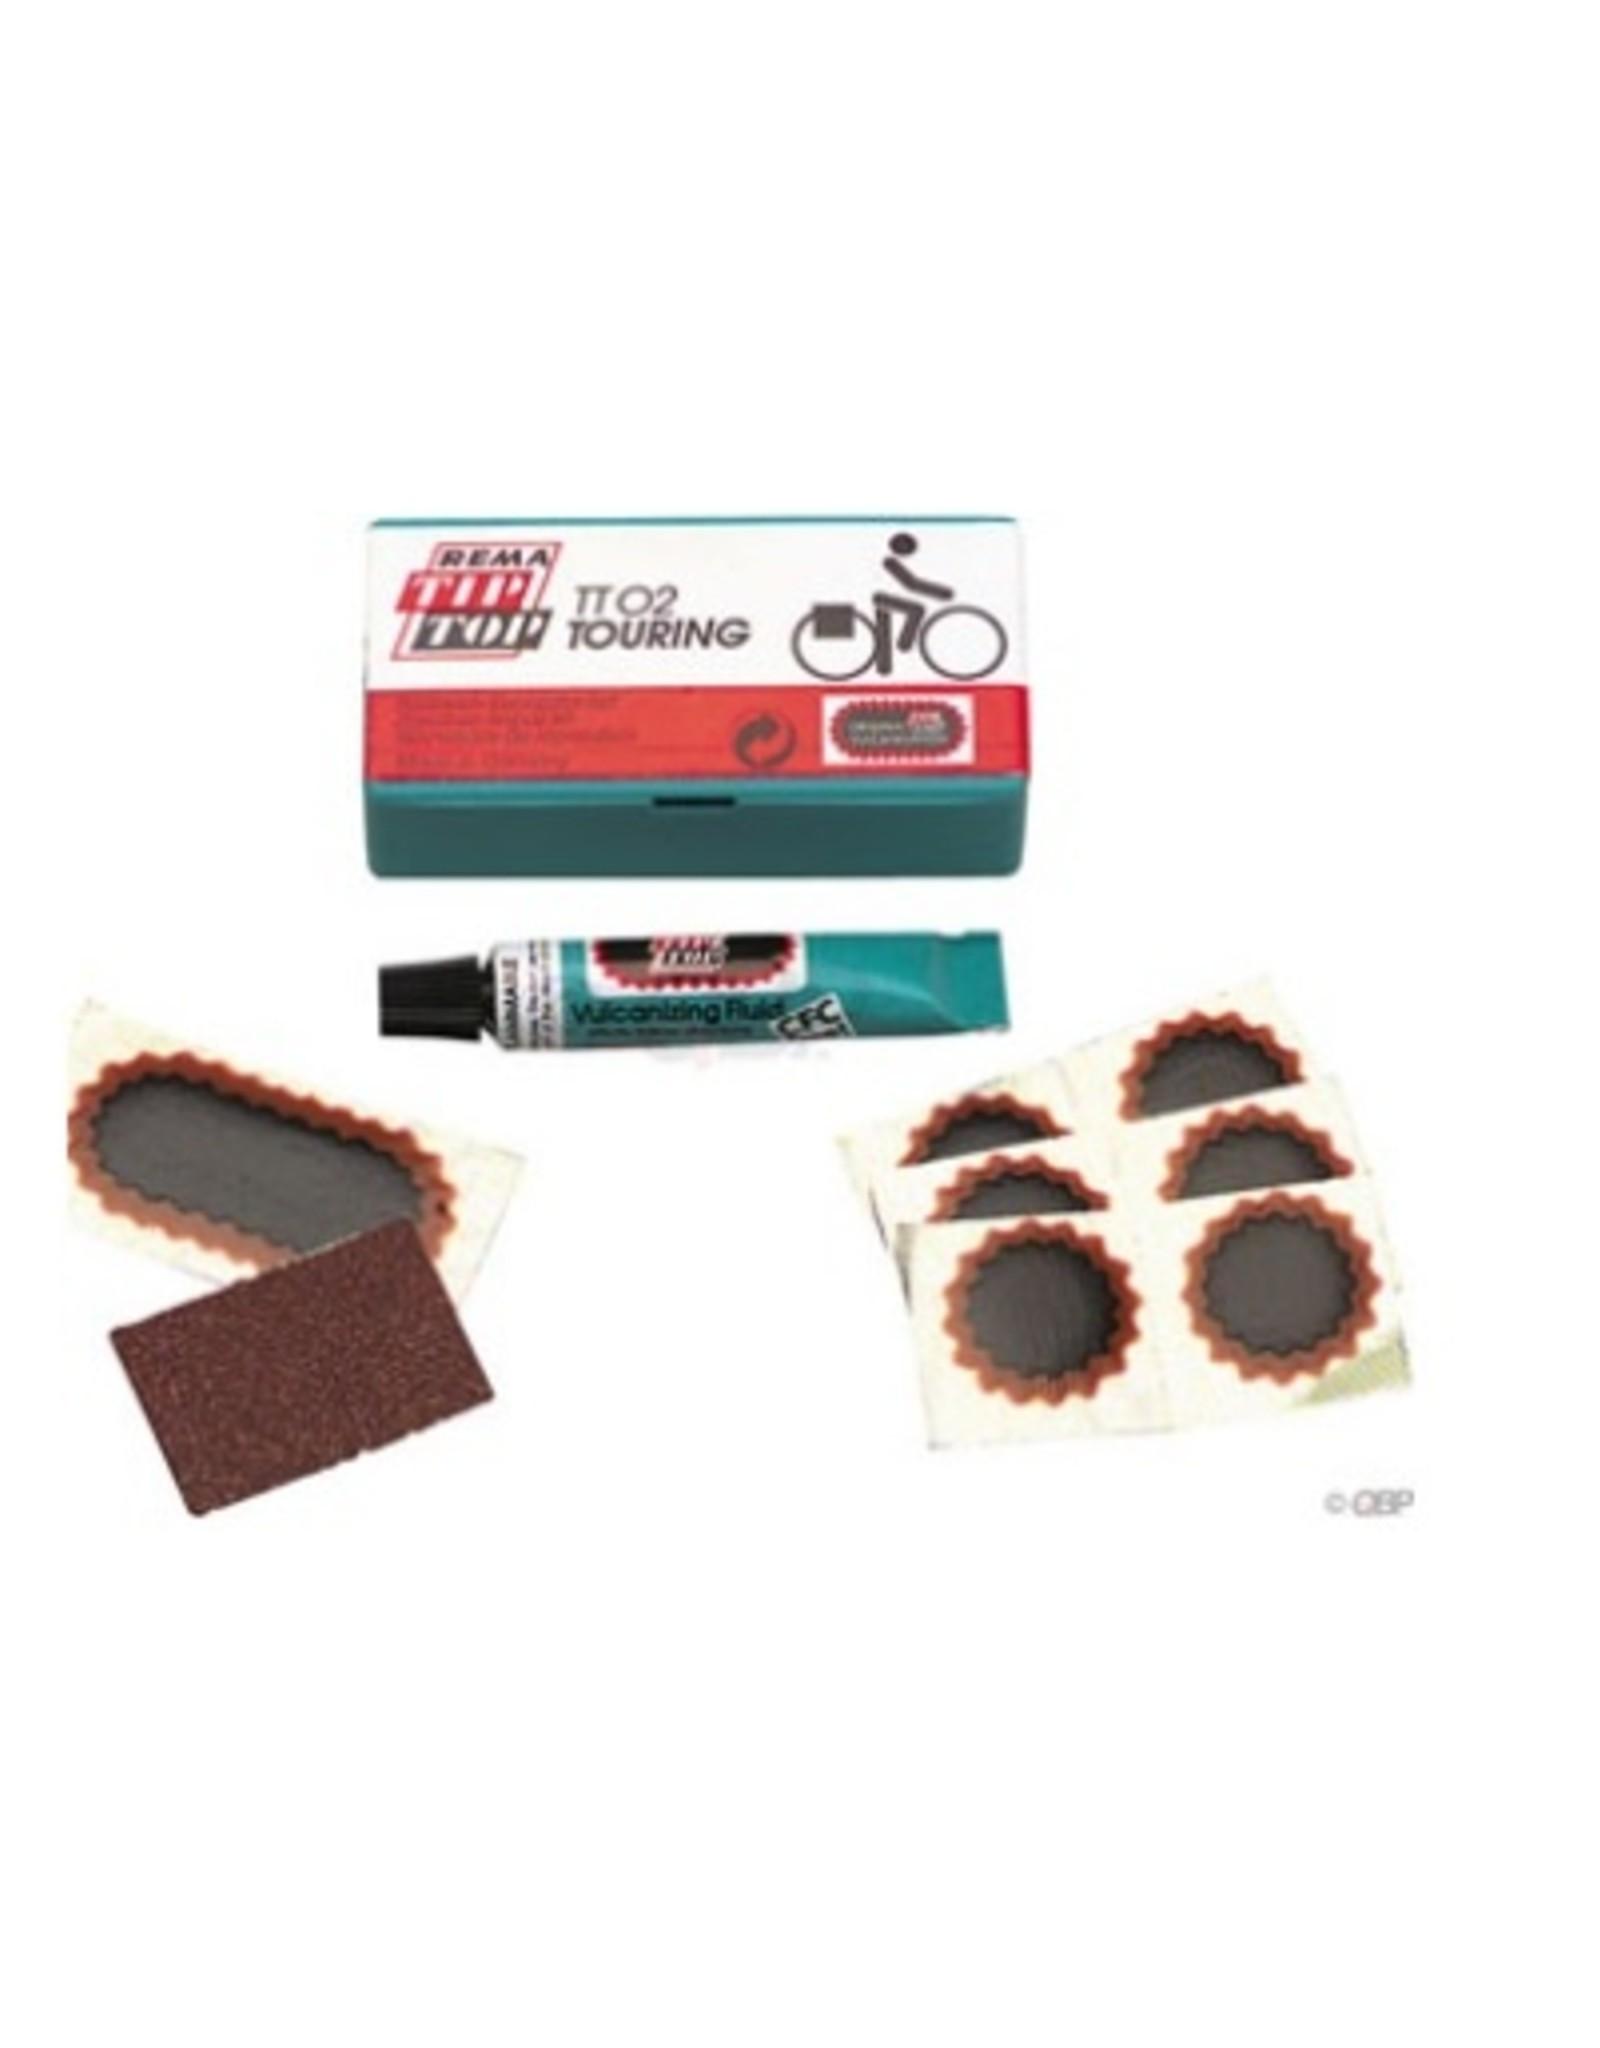 Rema Rema TT02 Standard Patch Kit